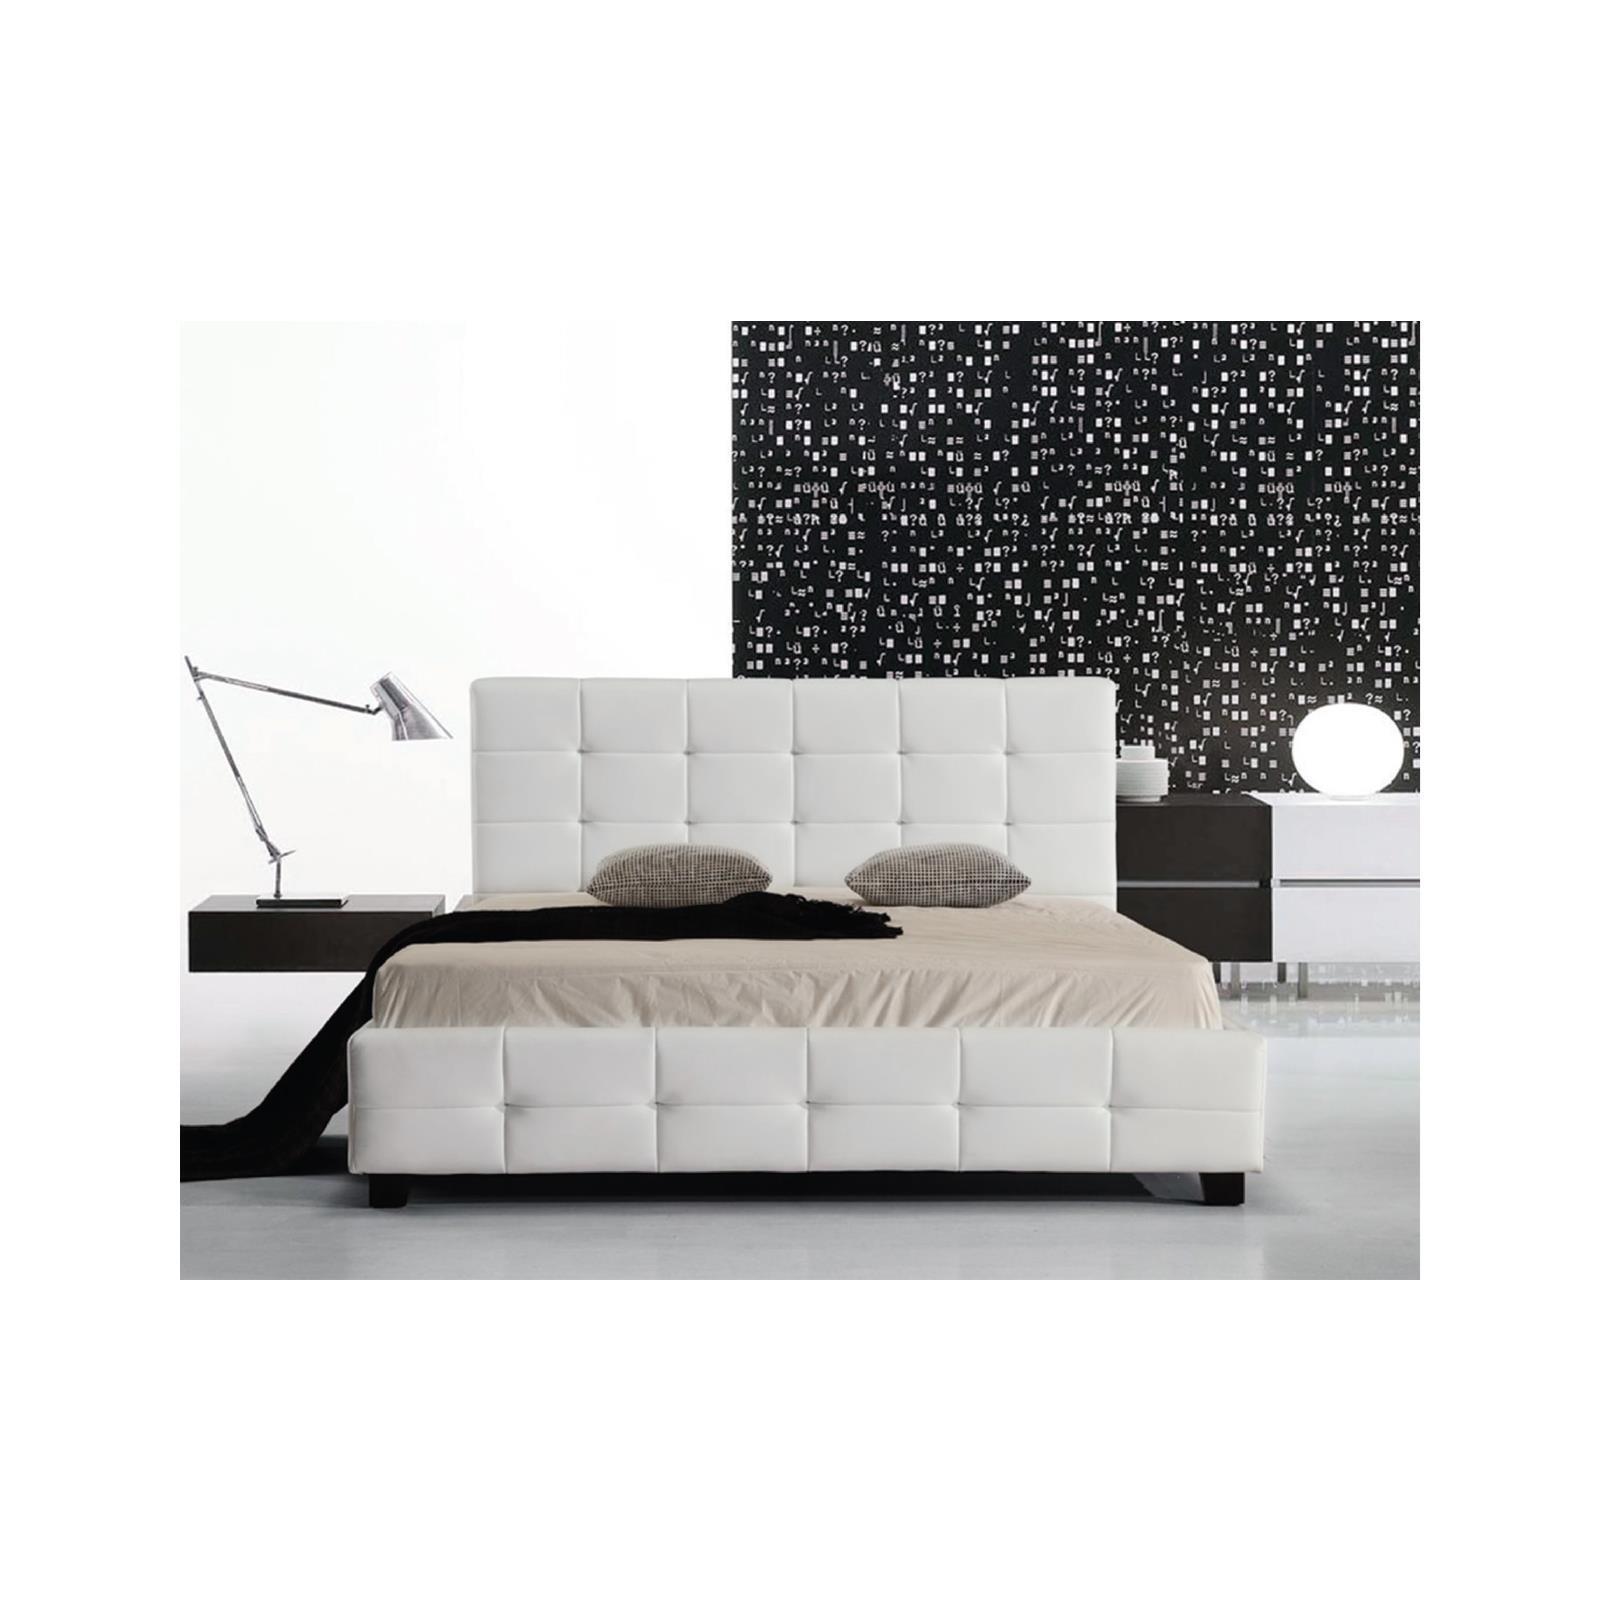 FIDEL κρεβάτι διπλό Pu άσπρο και ξύλινο σκελετό Y107x215x158εκ. (στρώμα 150x200εκ.)